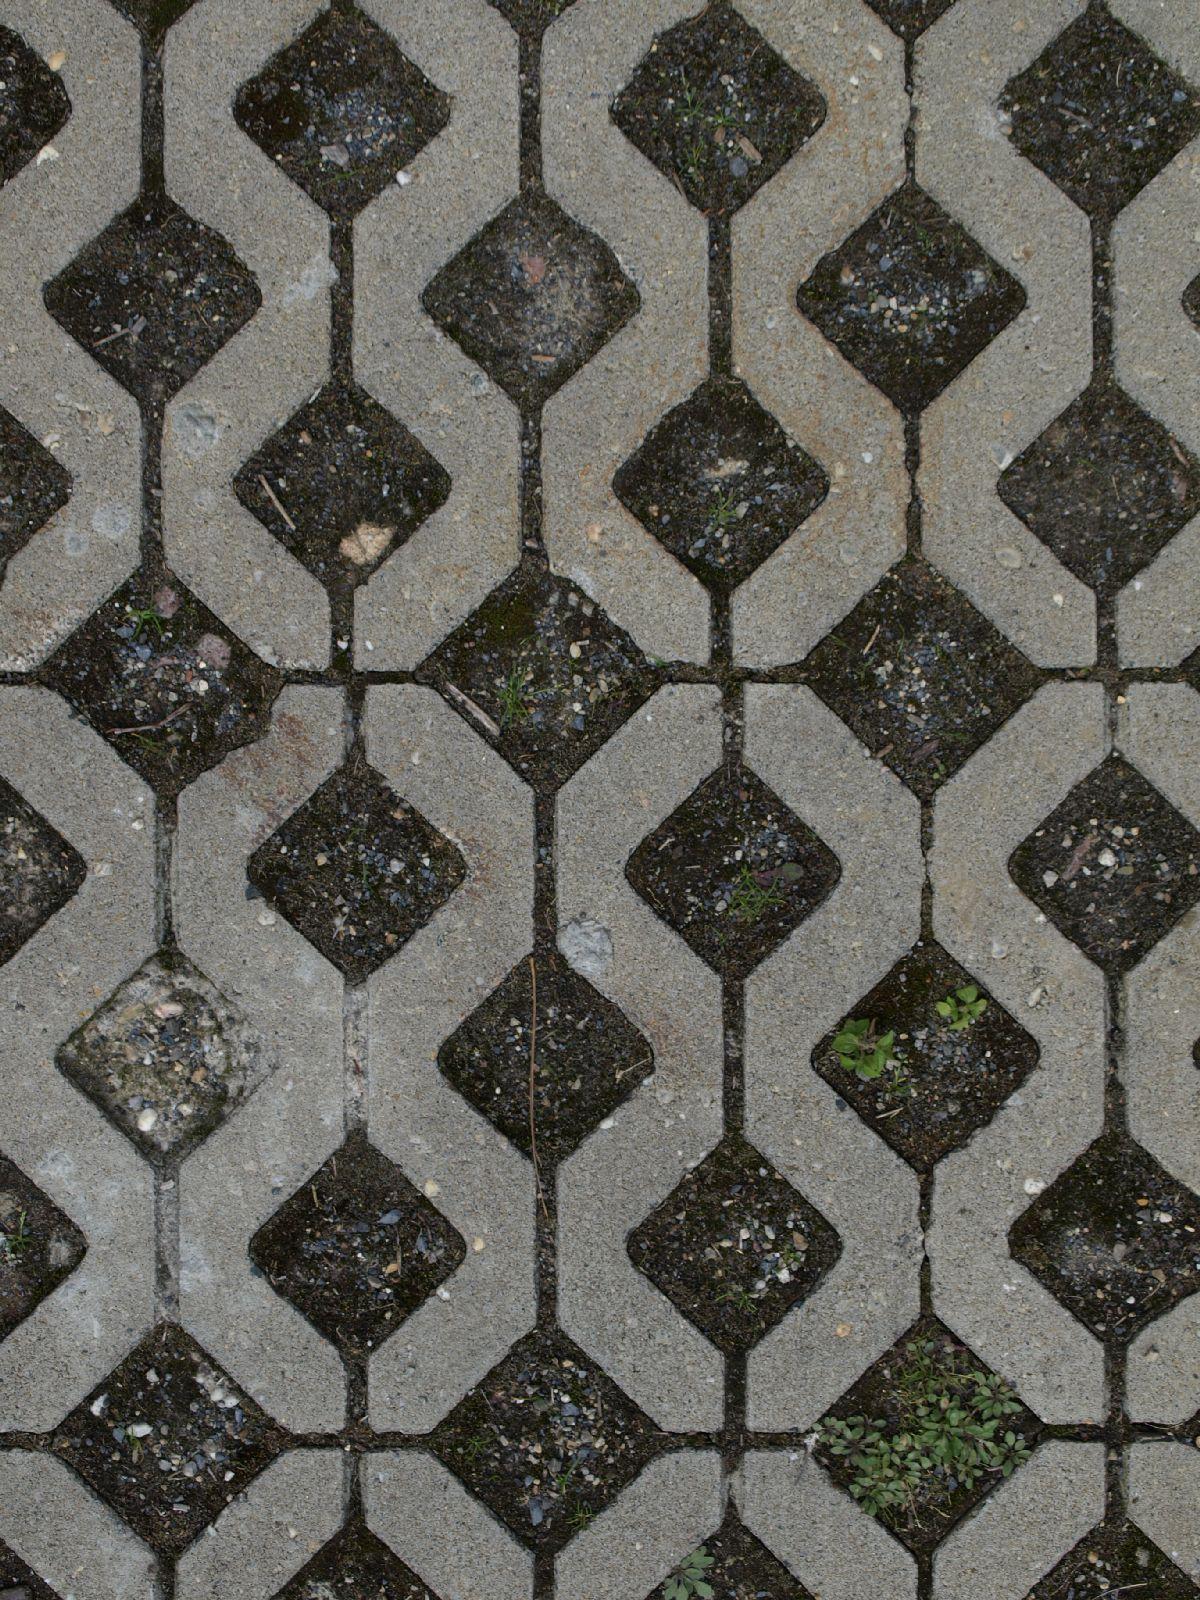 Boden-Gehweg-Strasse-Buergersteig-Textur_A_P9205307